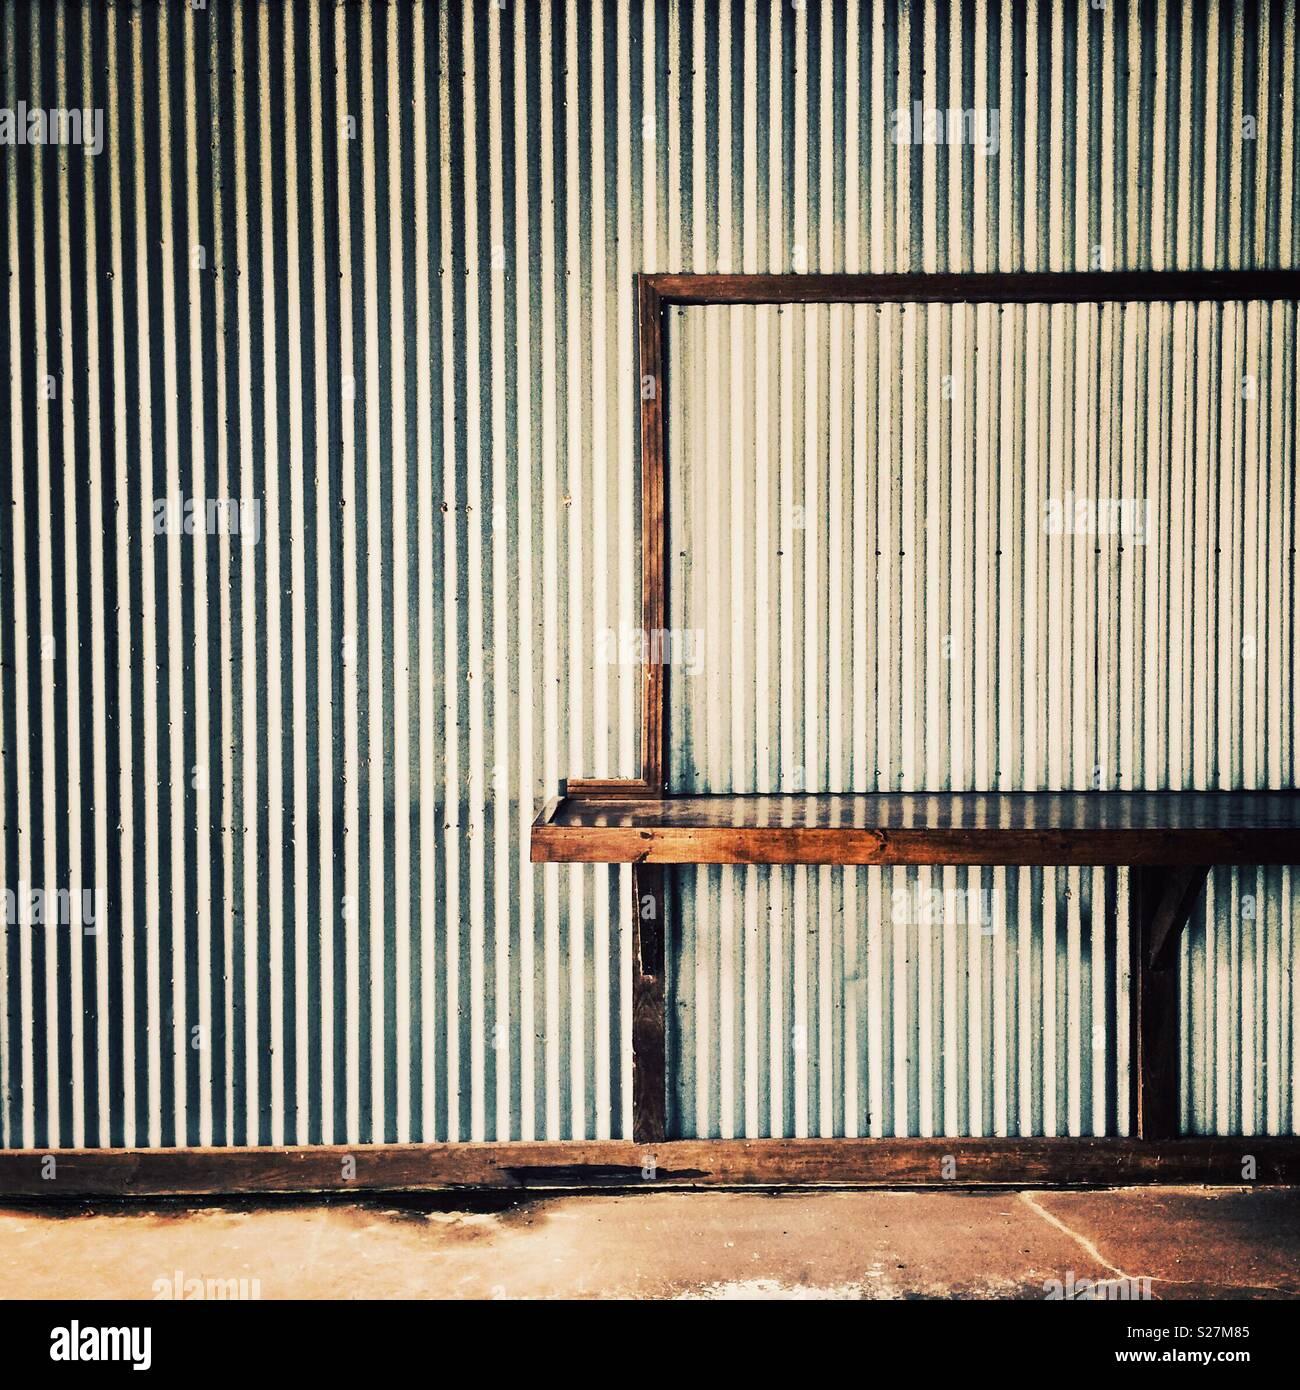 Il cartone ondulato a parete in acciaio della chiusura di un snack bar in Mississippi Immagini Stock